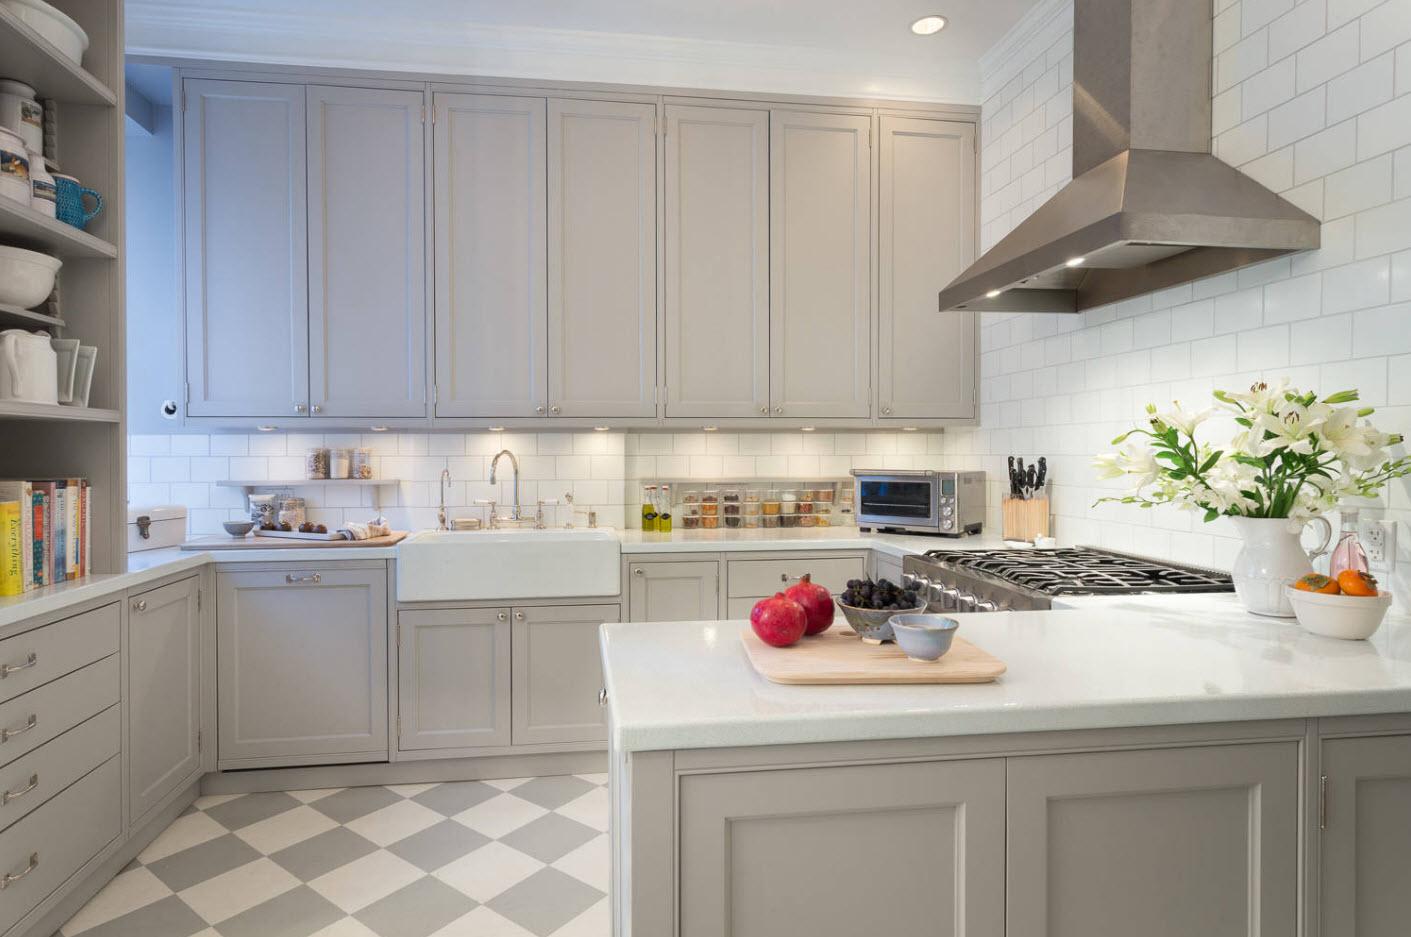 Ремонт кухни своими руками: несколько важных советов